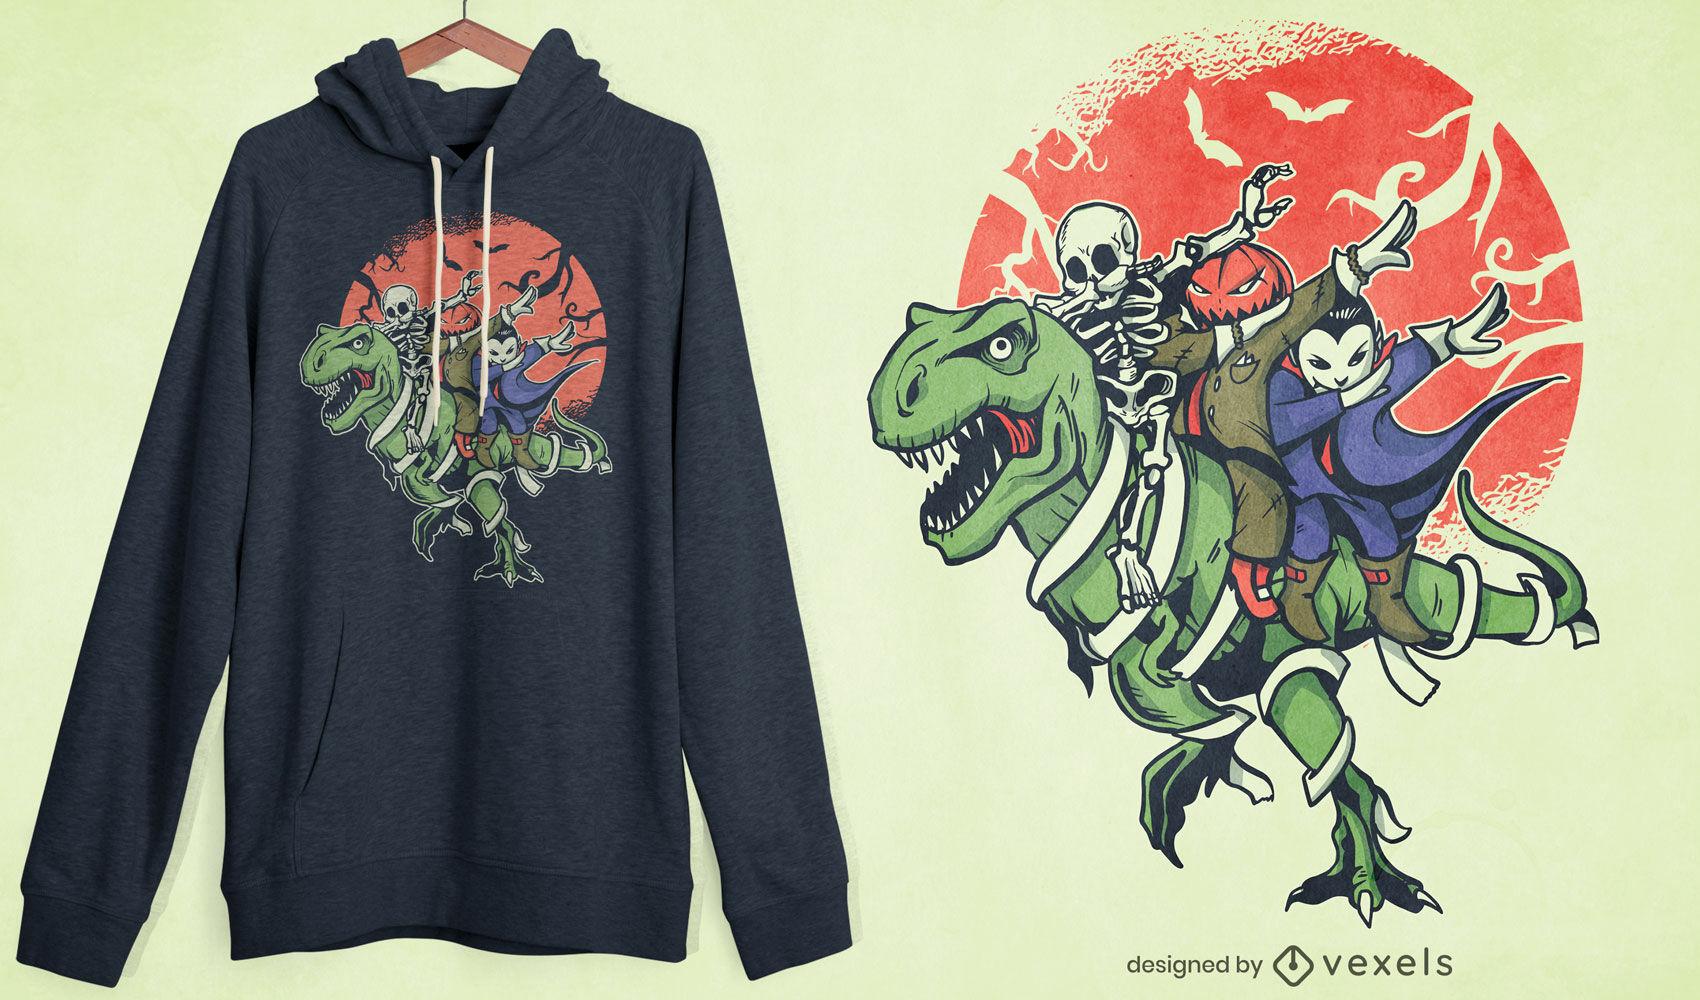 Desenho de camisetas com personagens de halloween